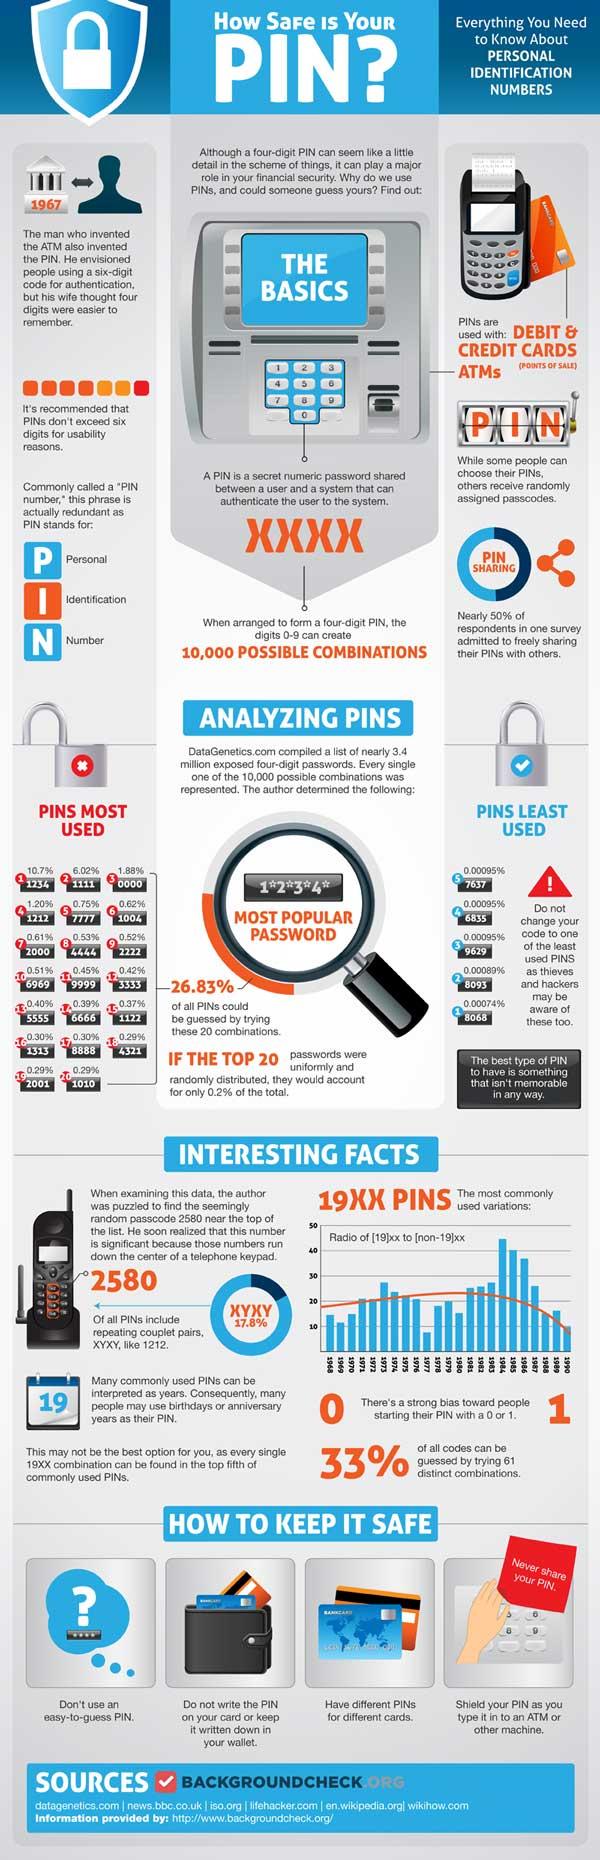 Y la combinación más usada en el PIN de tarjetas bancarias es... 1234 29